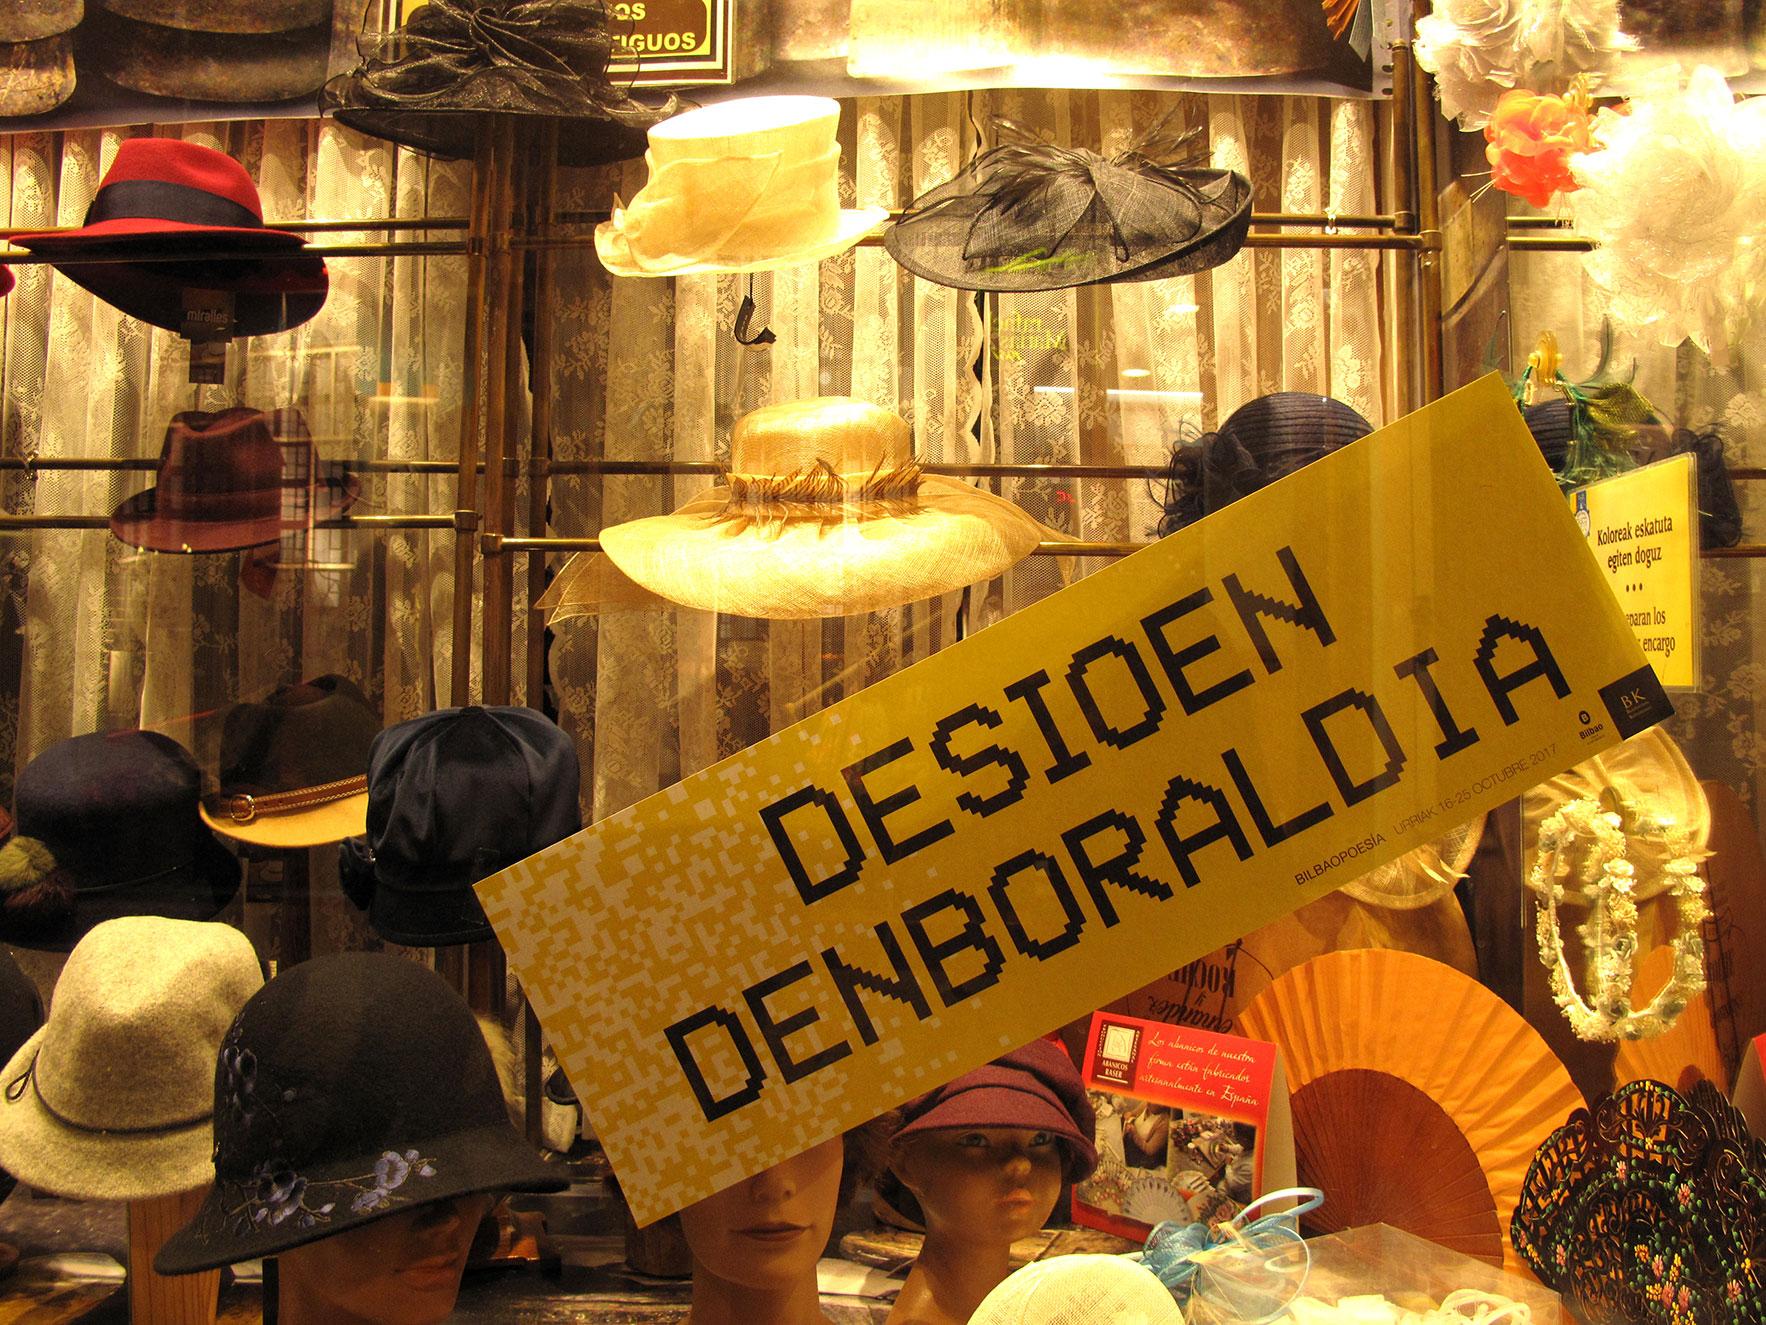 Bilbao poesía escaparate tienda